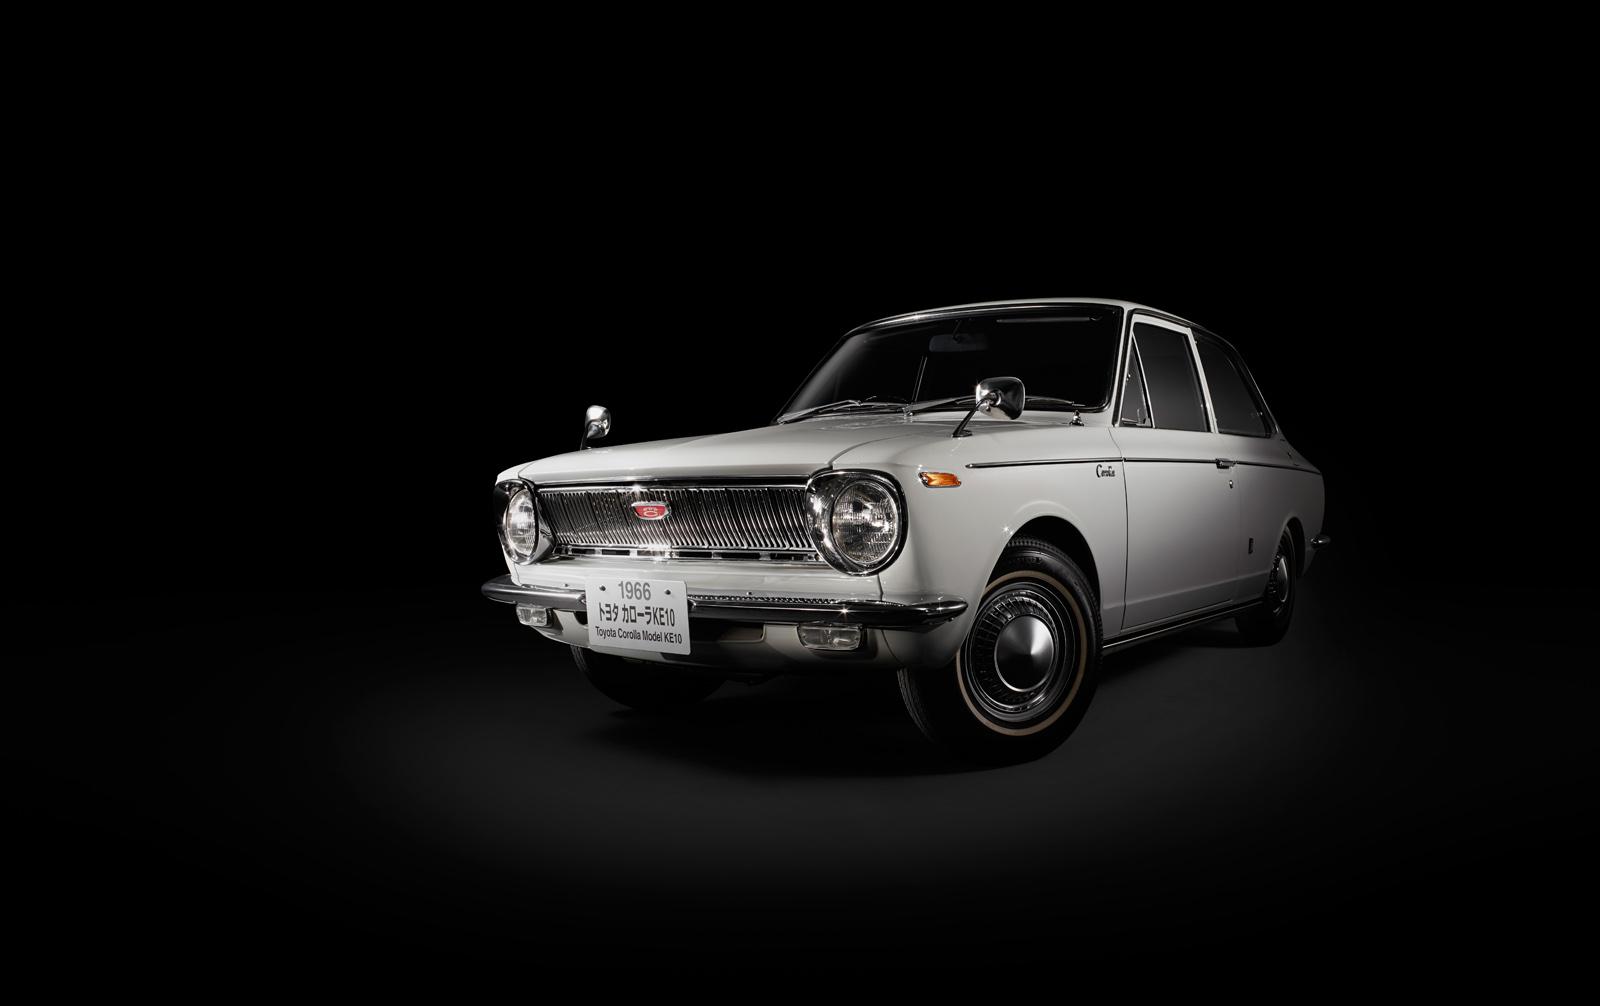 ... Toyota Corolla thế hệ đầu tiên ra mắt vào năm 1966.